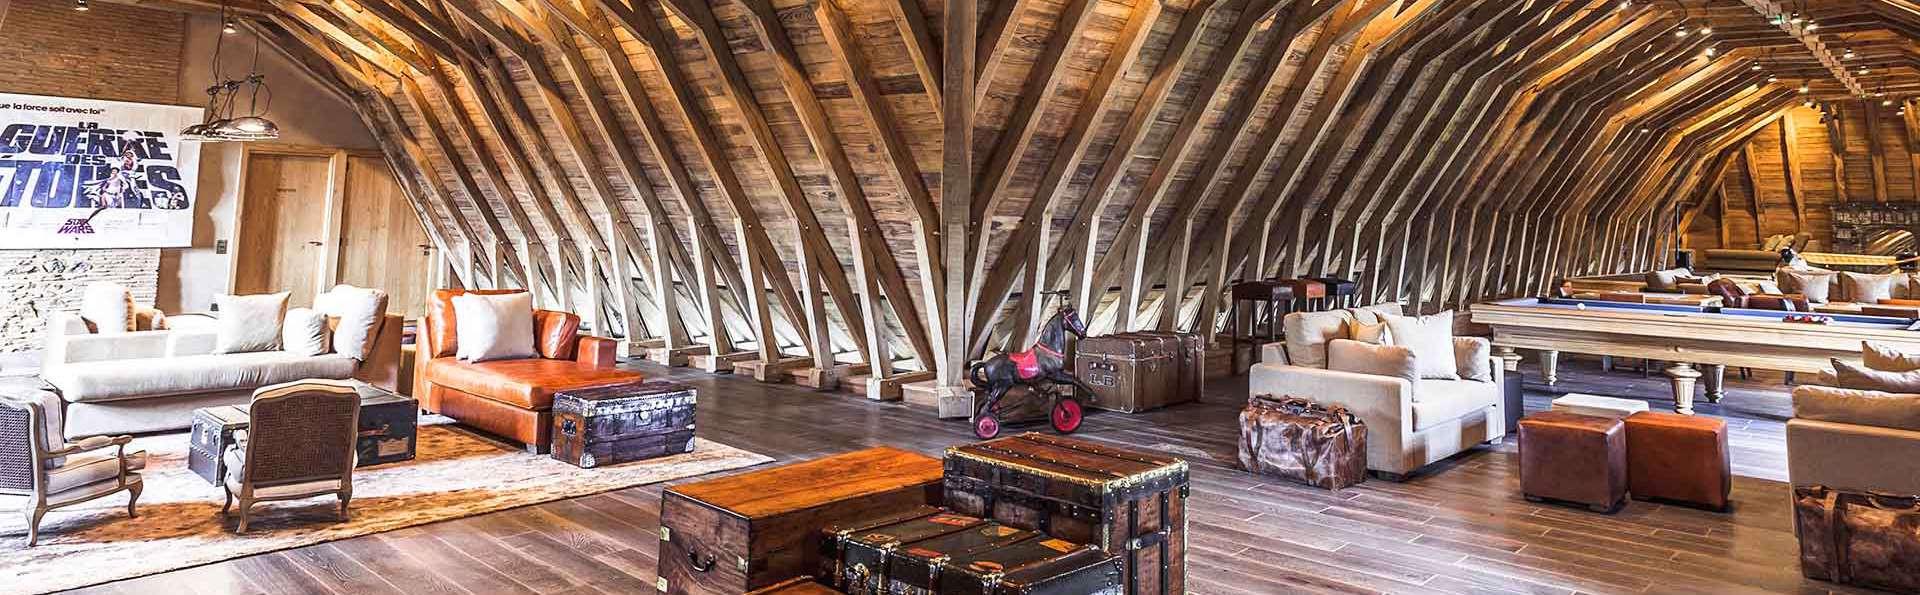 Domaine des Étangs  - EDIT_Combles_Chateau_-_copia_01.jpg